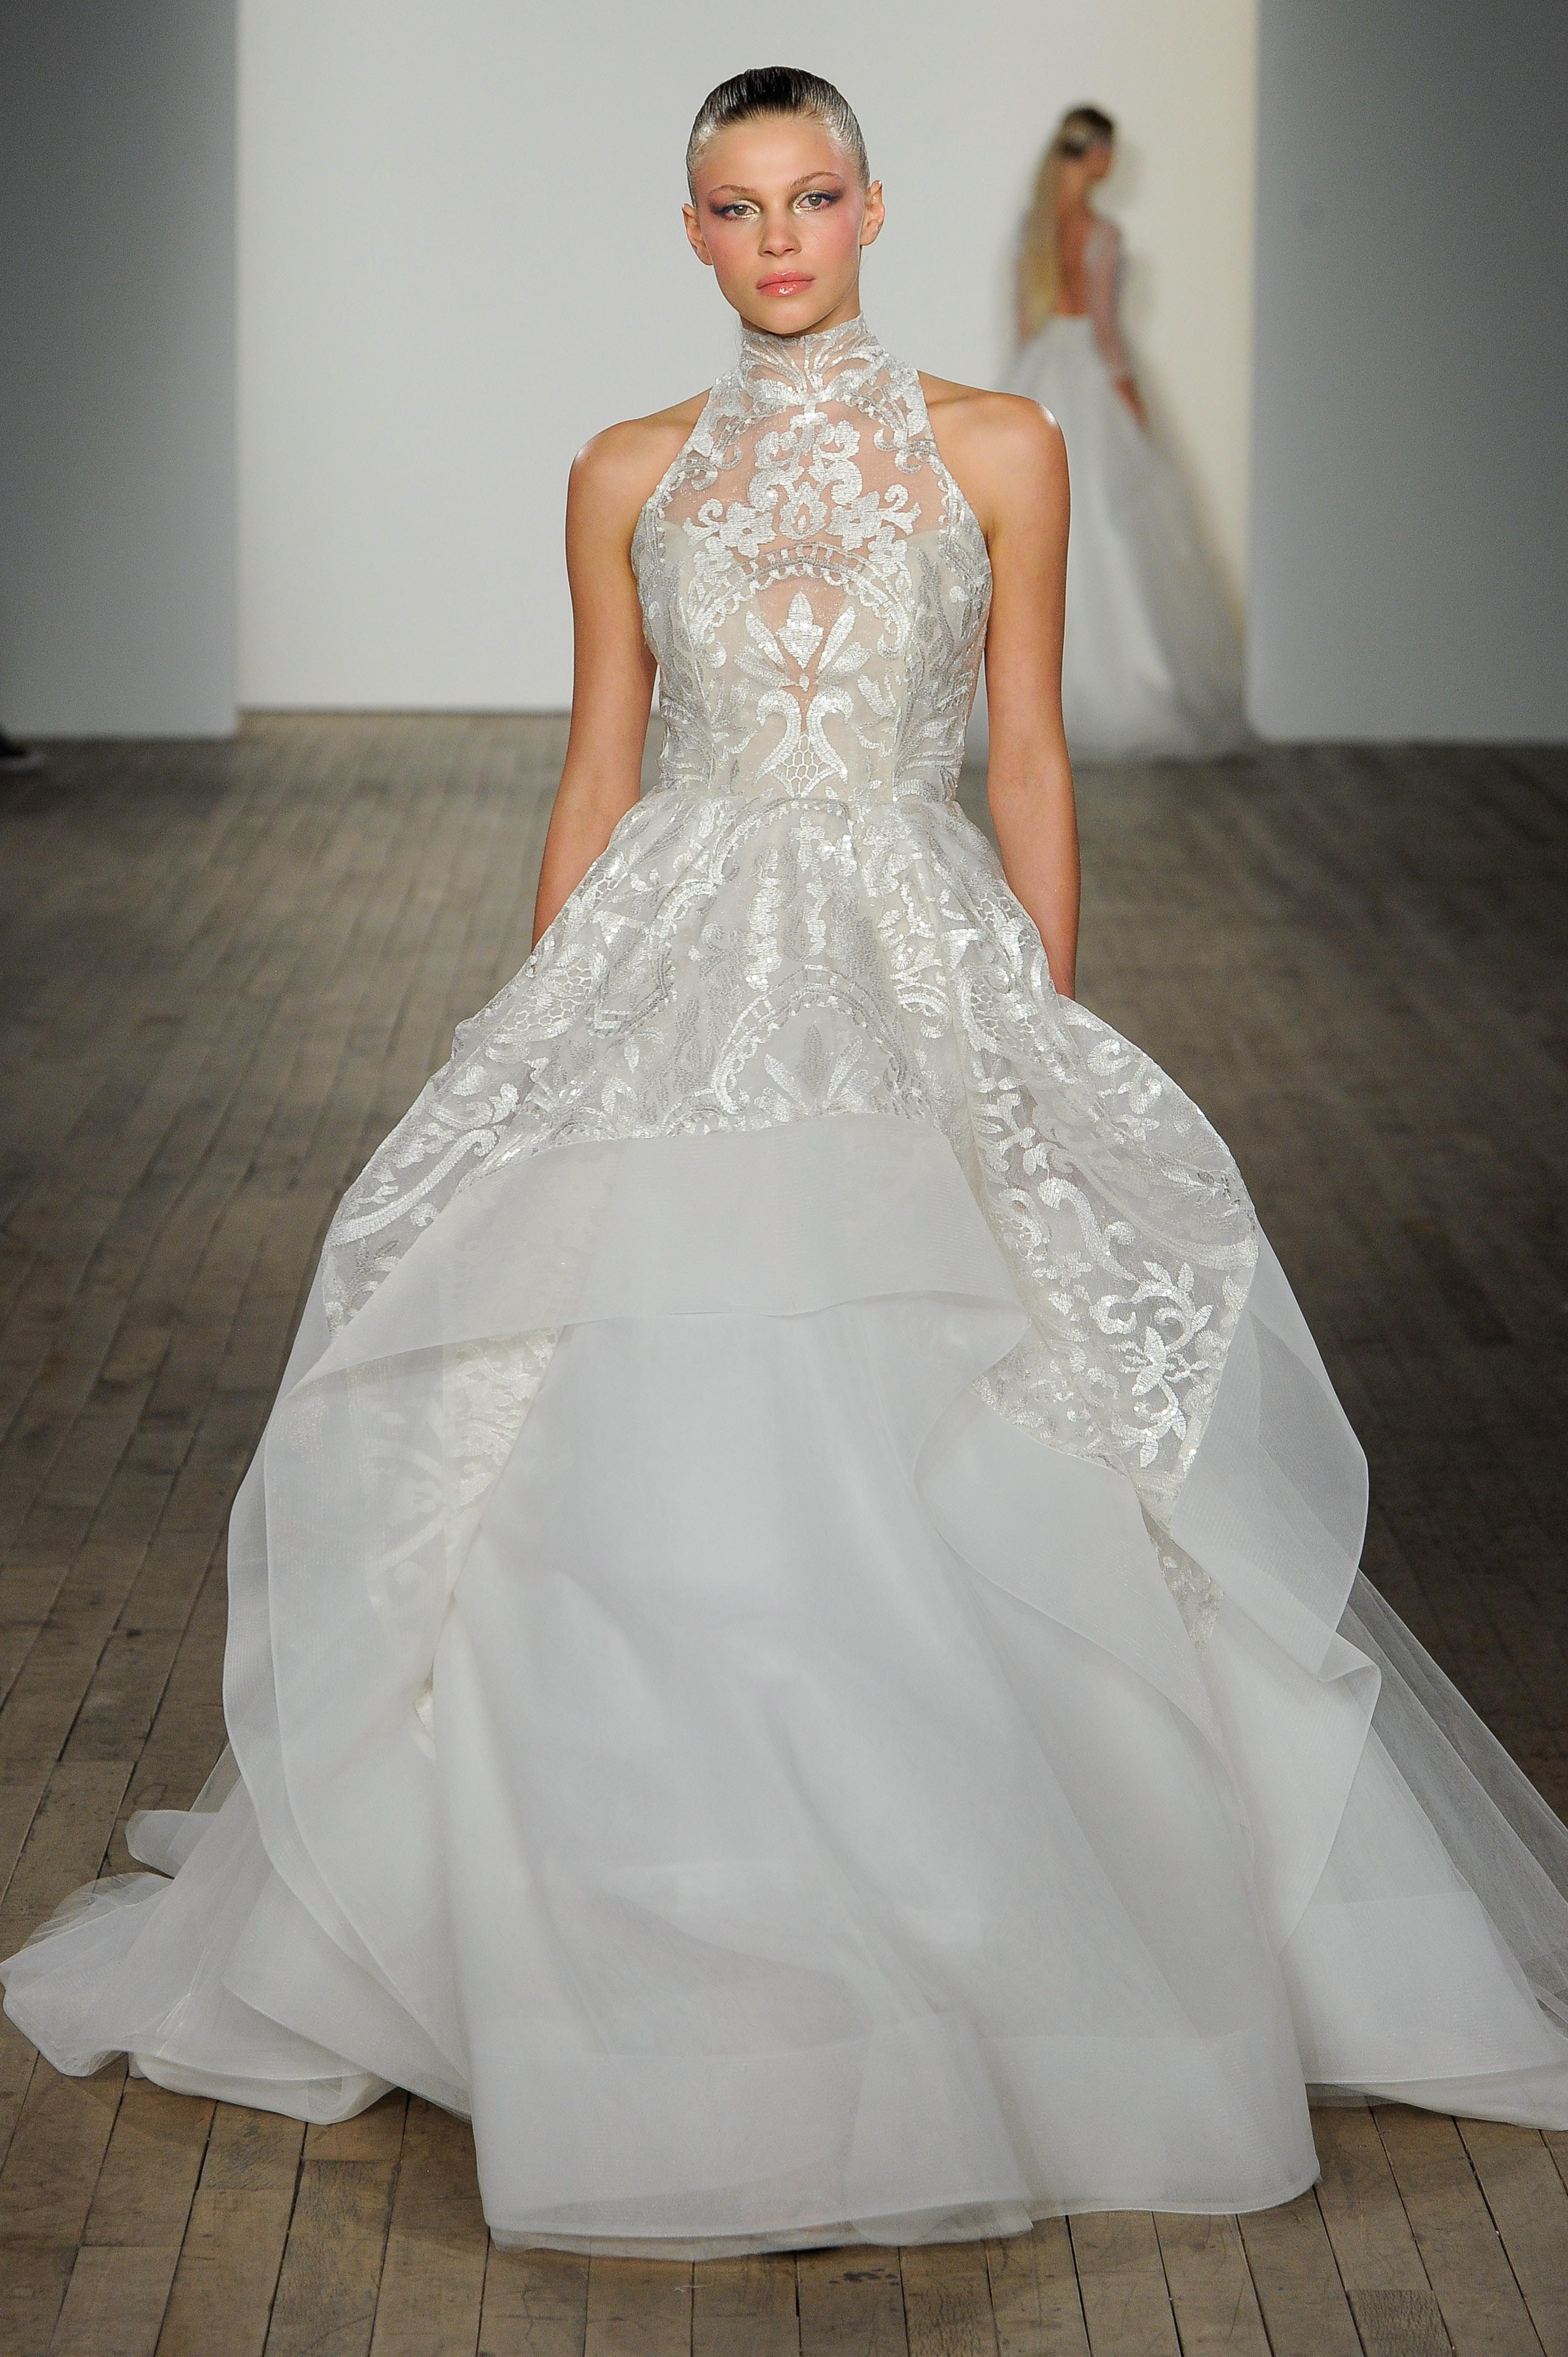 haley paige fall 2019 high neck overskirt wedding dress